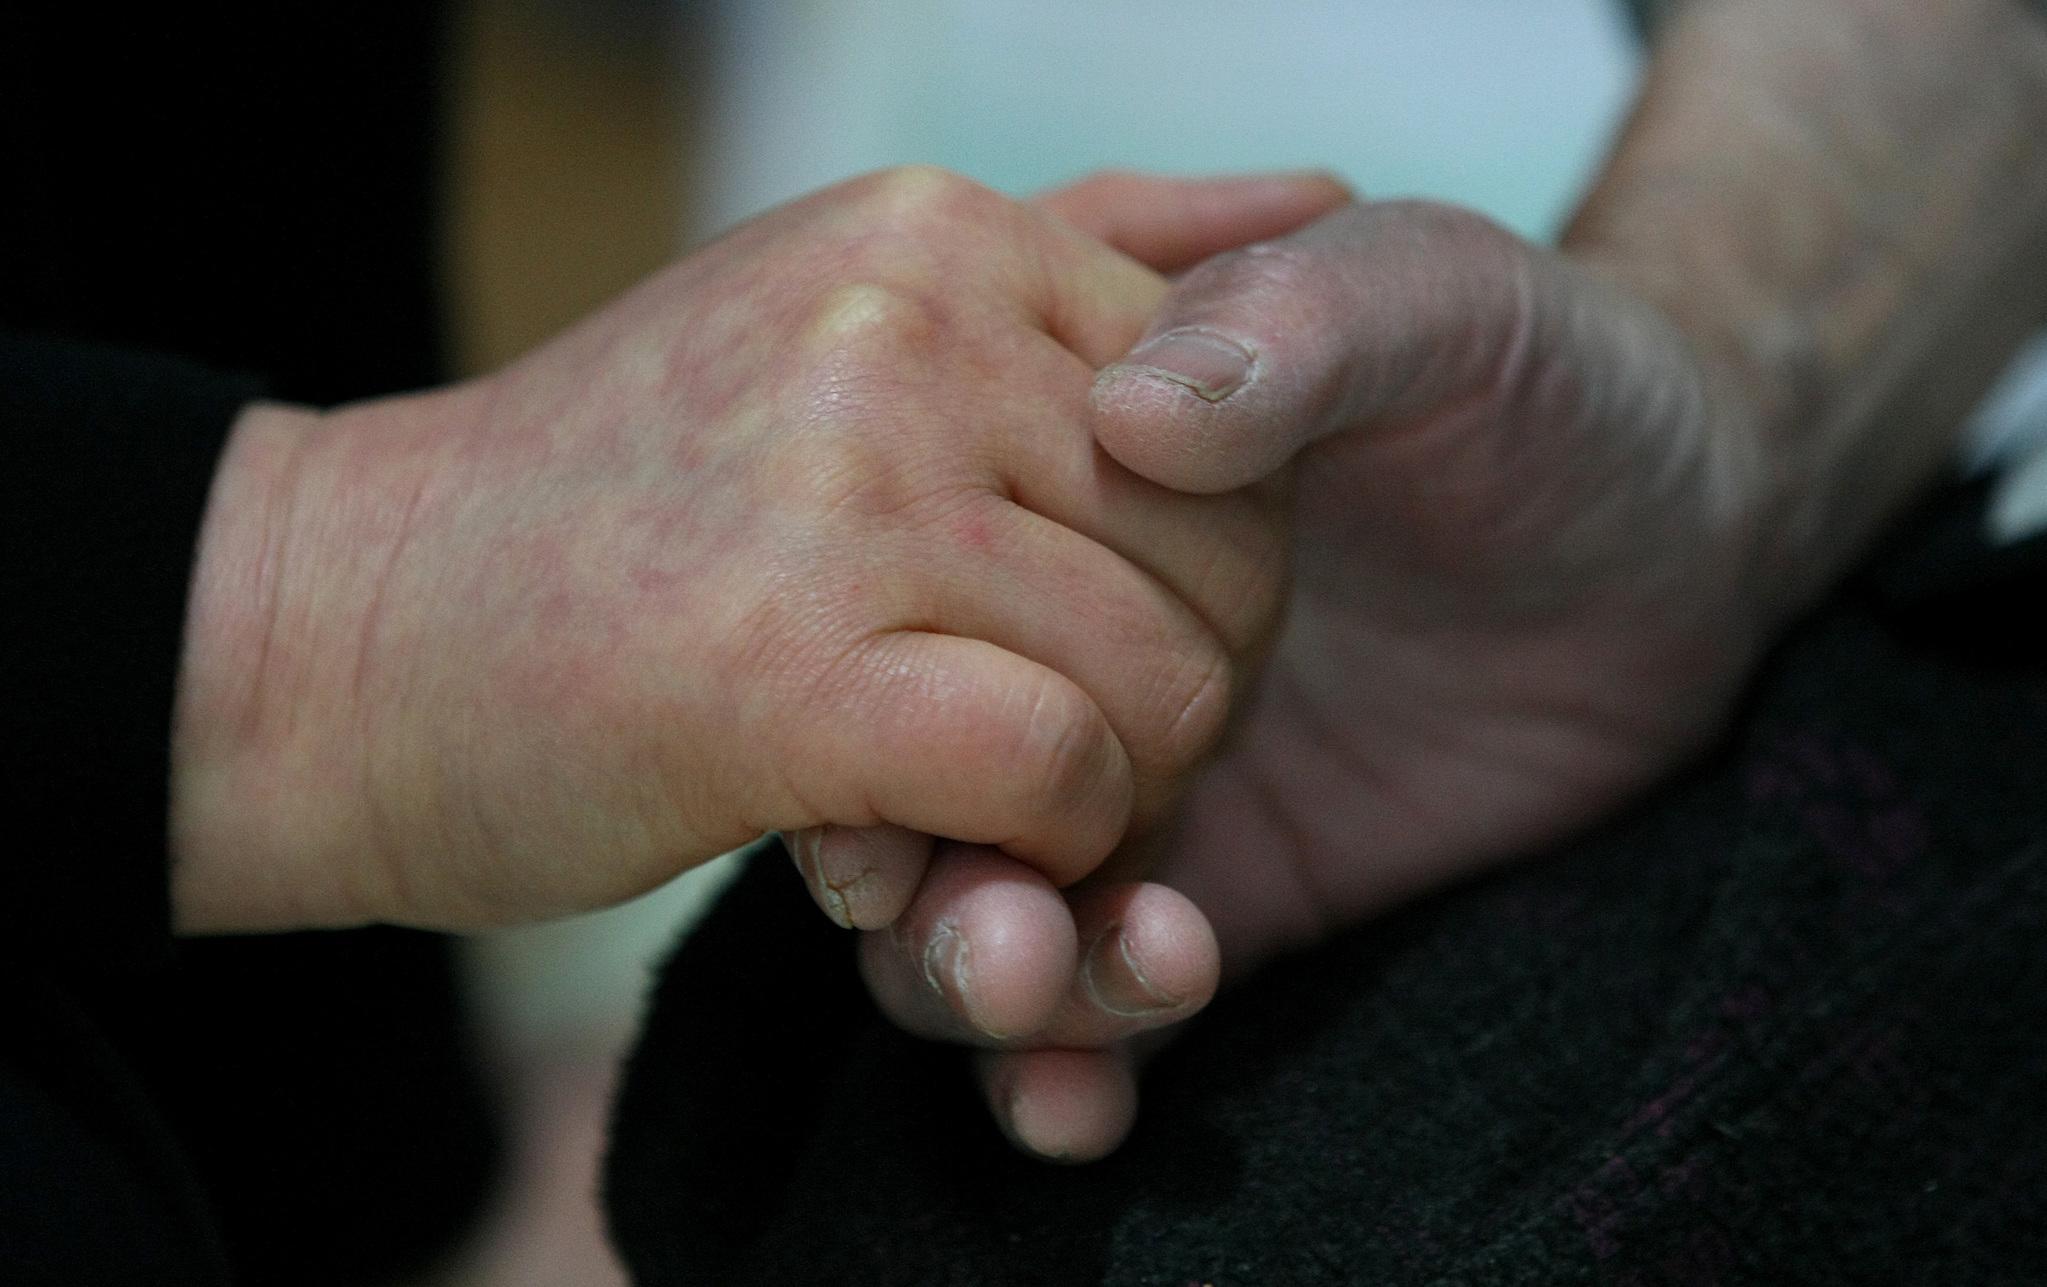 대구 주택가에서 홀로 사는 노인 집에 방문한 요양보호사가 손을 꼭 잡아주고 있다.  [중앙포토]